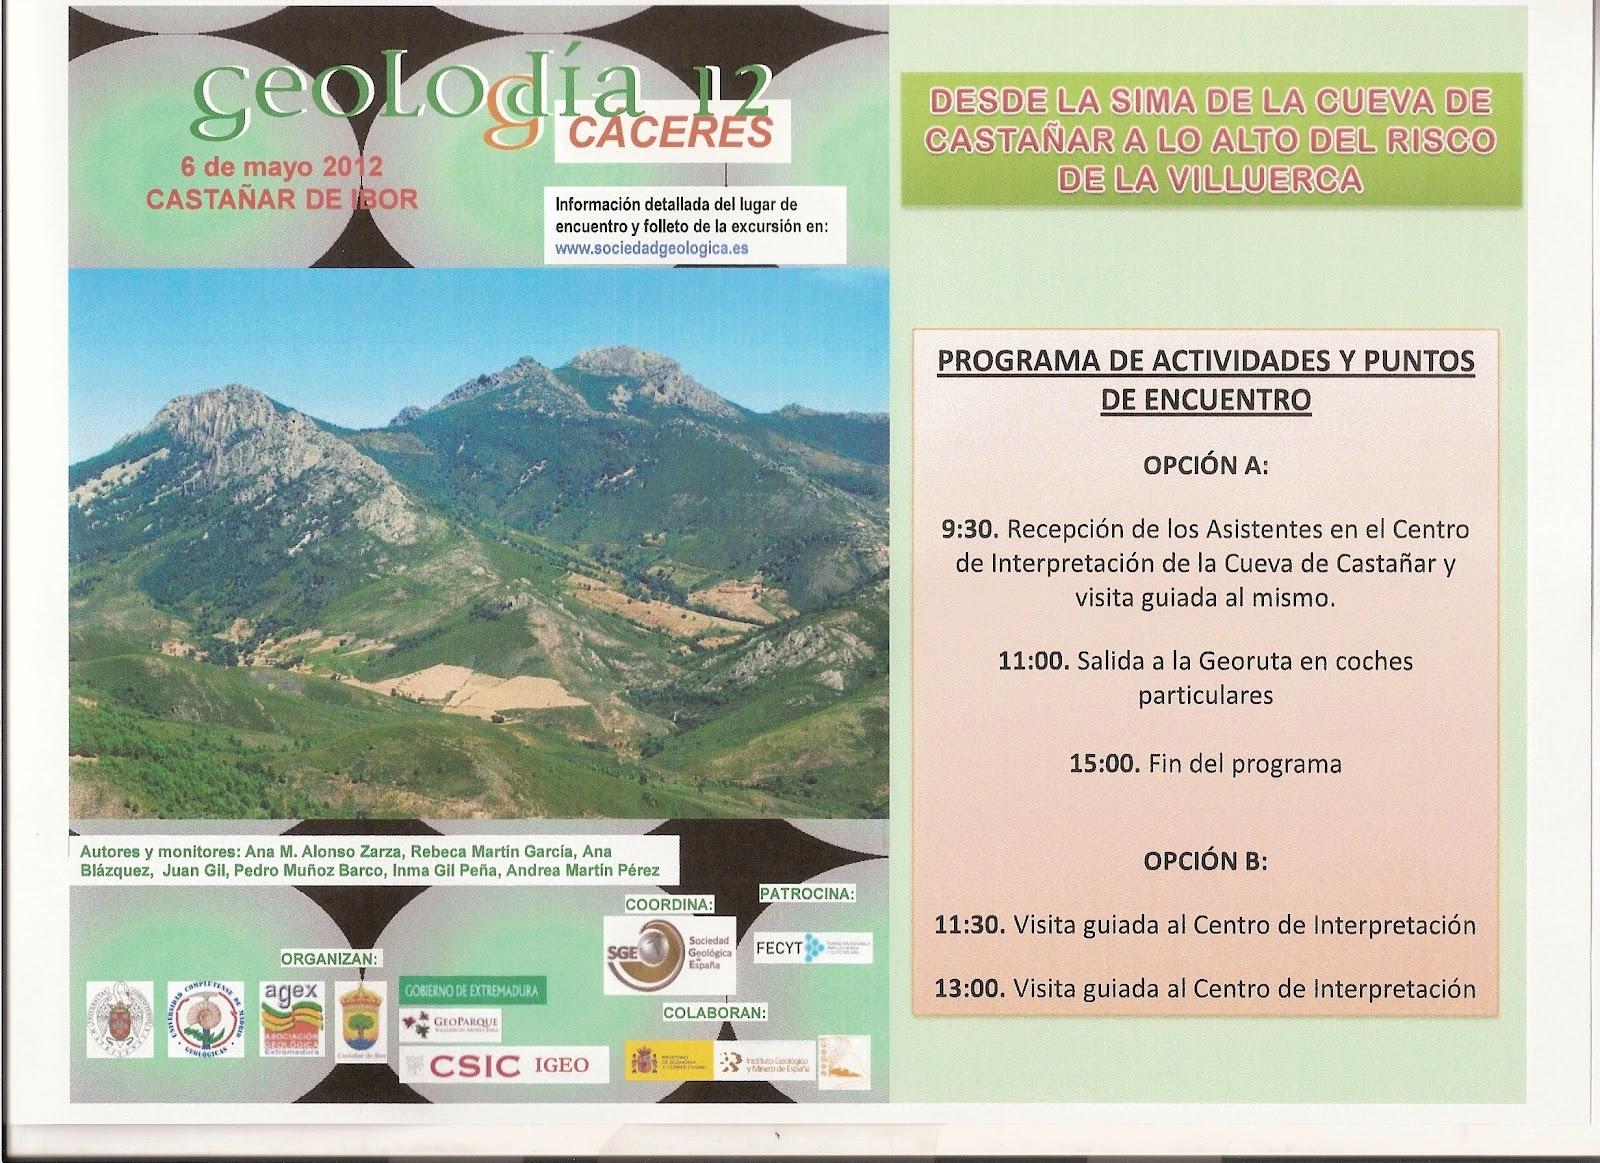 Bienvenidos a la oficina de turismo de guadalupe geolod a de c ceres 2012 - Oficina turismo caceres ...